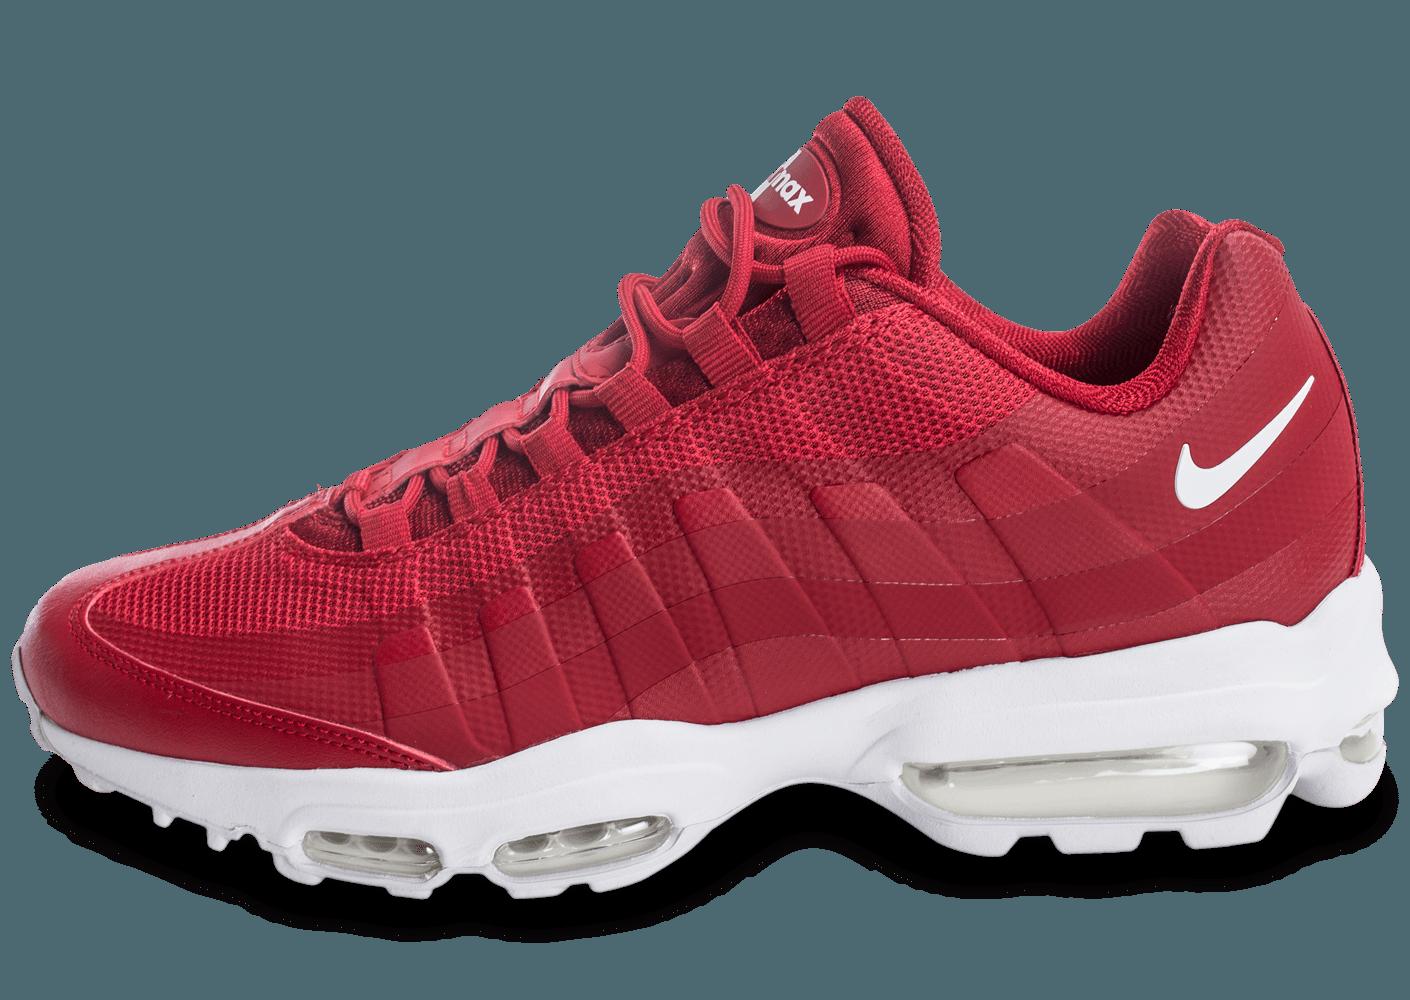 low priced 092ab 60cc0 Grands baskets discount Nike en ligne à vendre. L authentique vente de nike  air max 95 rouge femme froid France sera aimée par votre coeur.